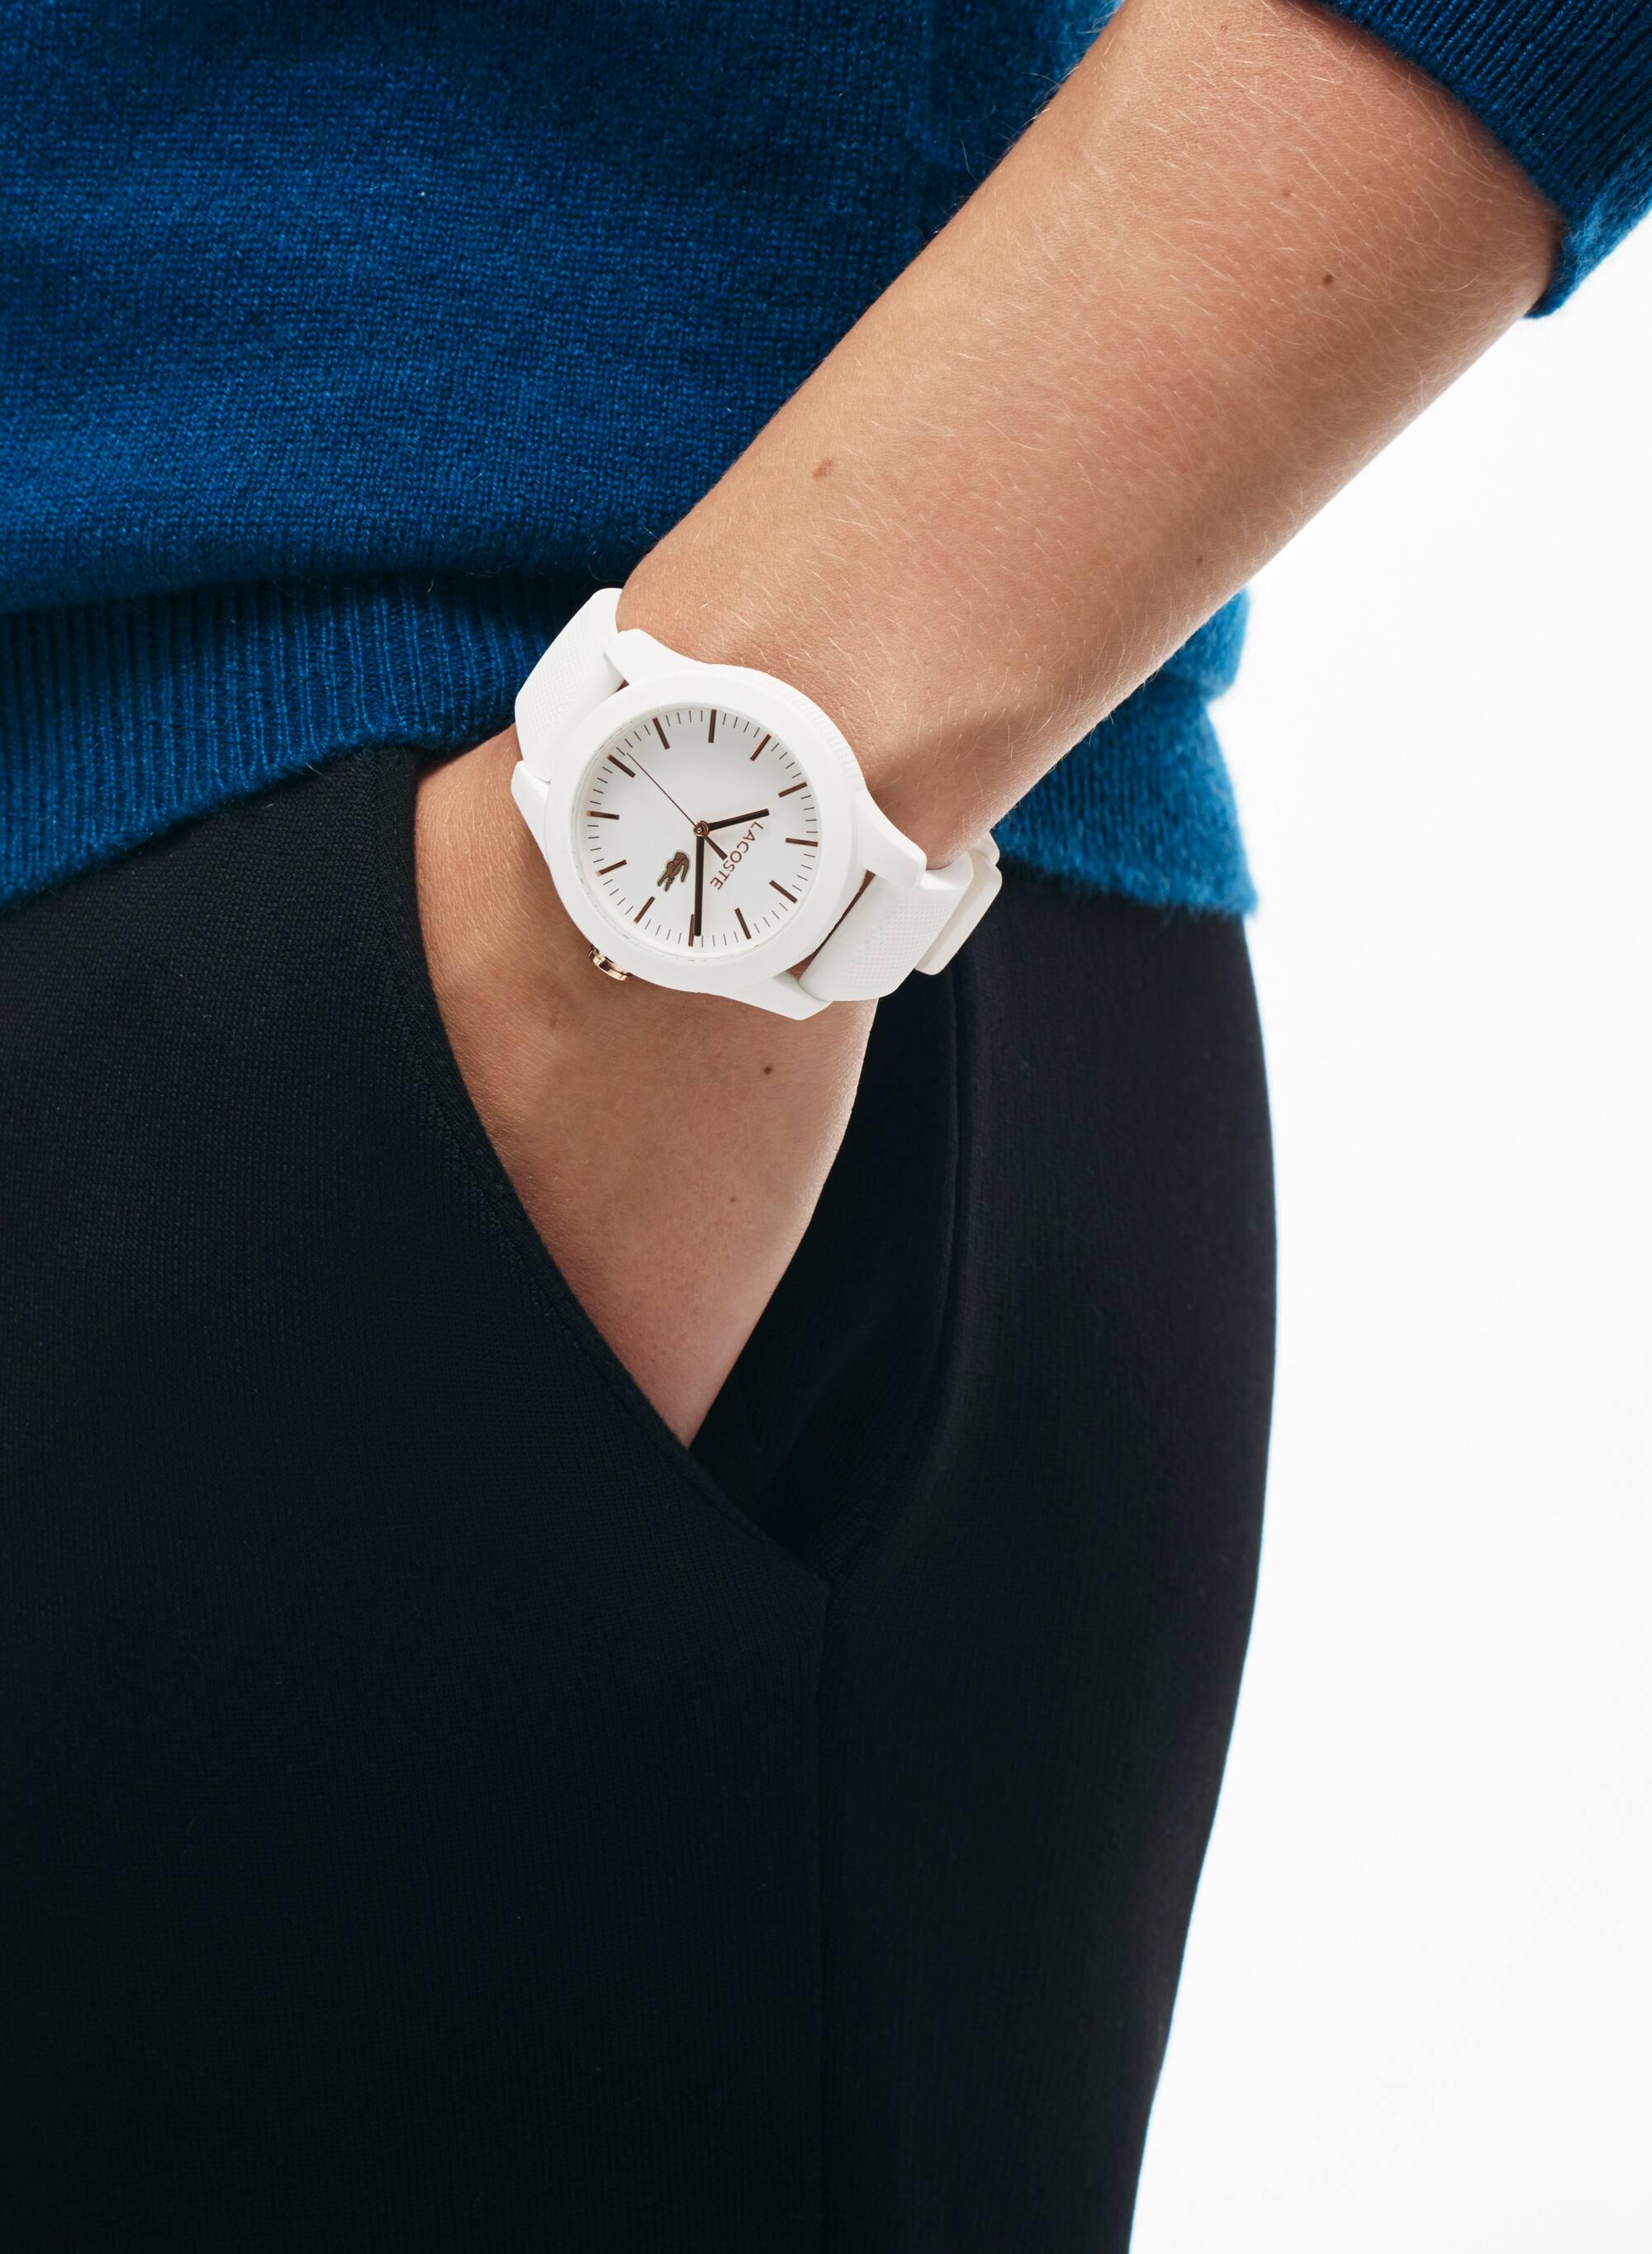 Reloj de mujer Lacoste 12.12 con correa de silicona blanca